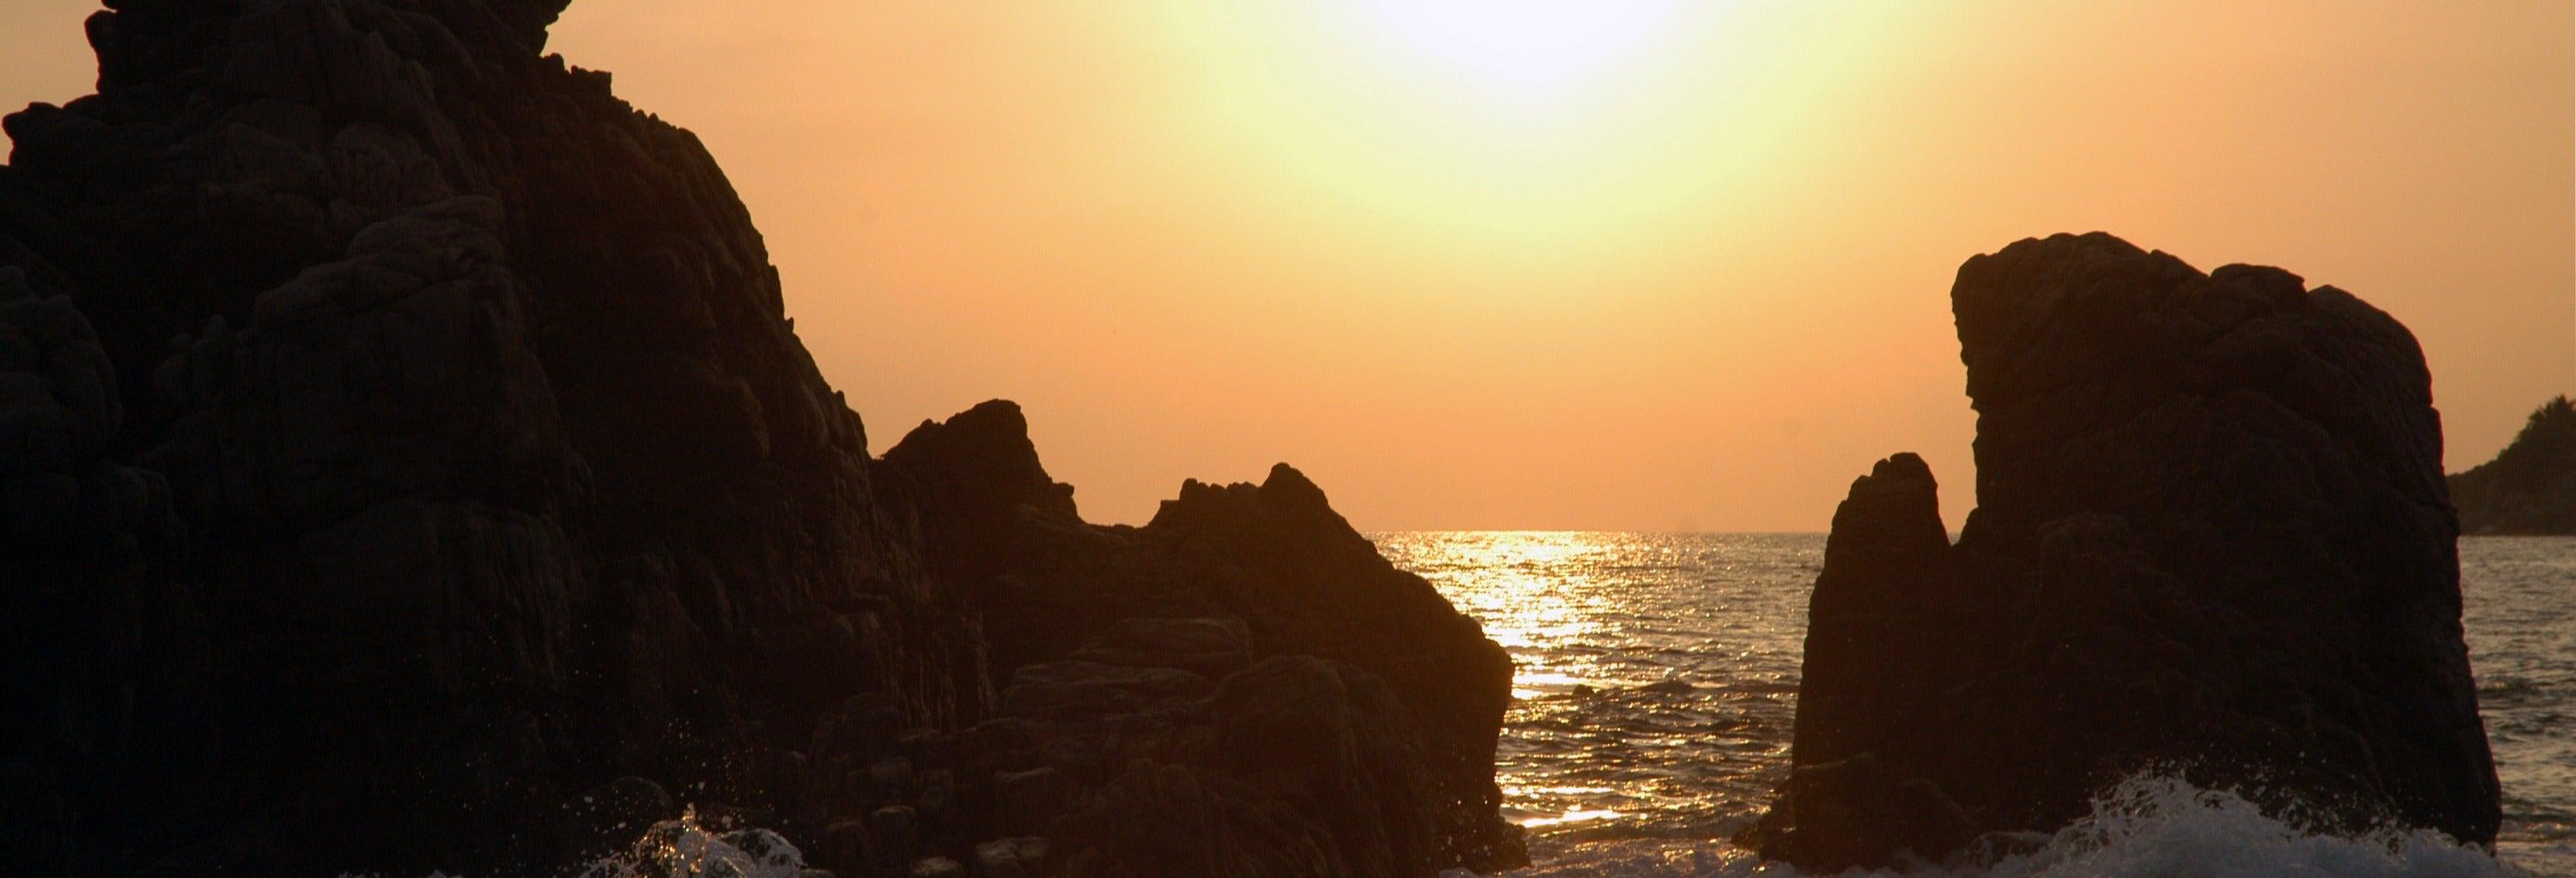 Barco por la bahía de Puerto Escondido al amanecer